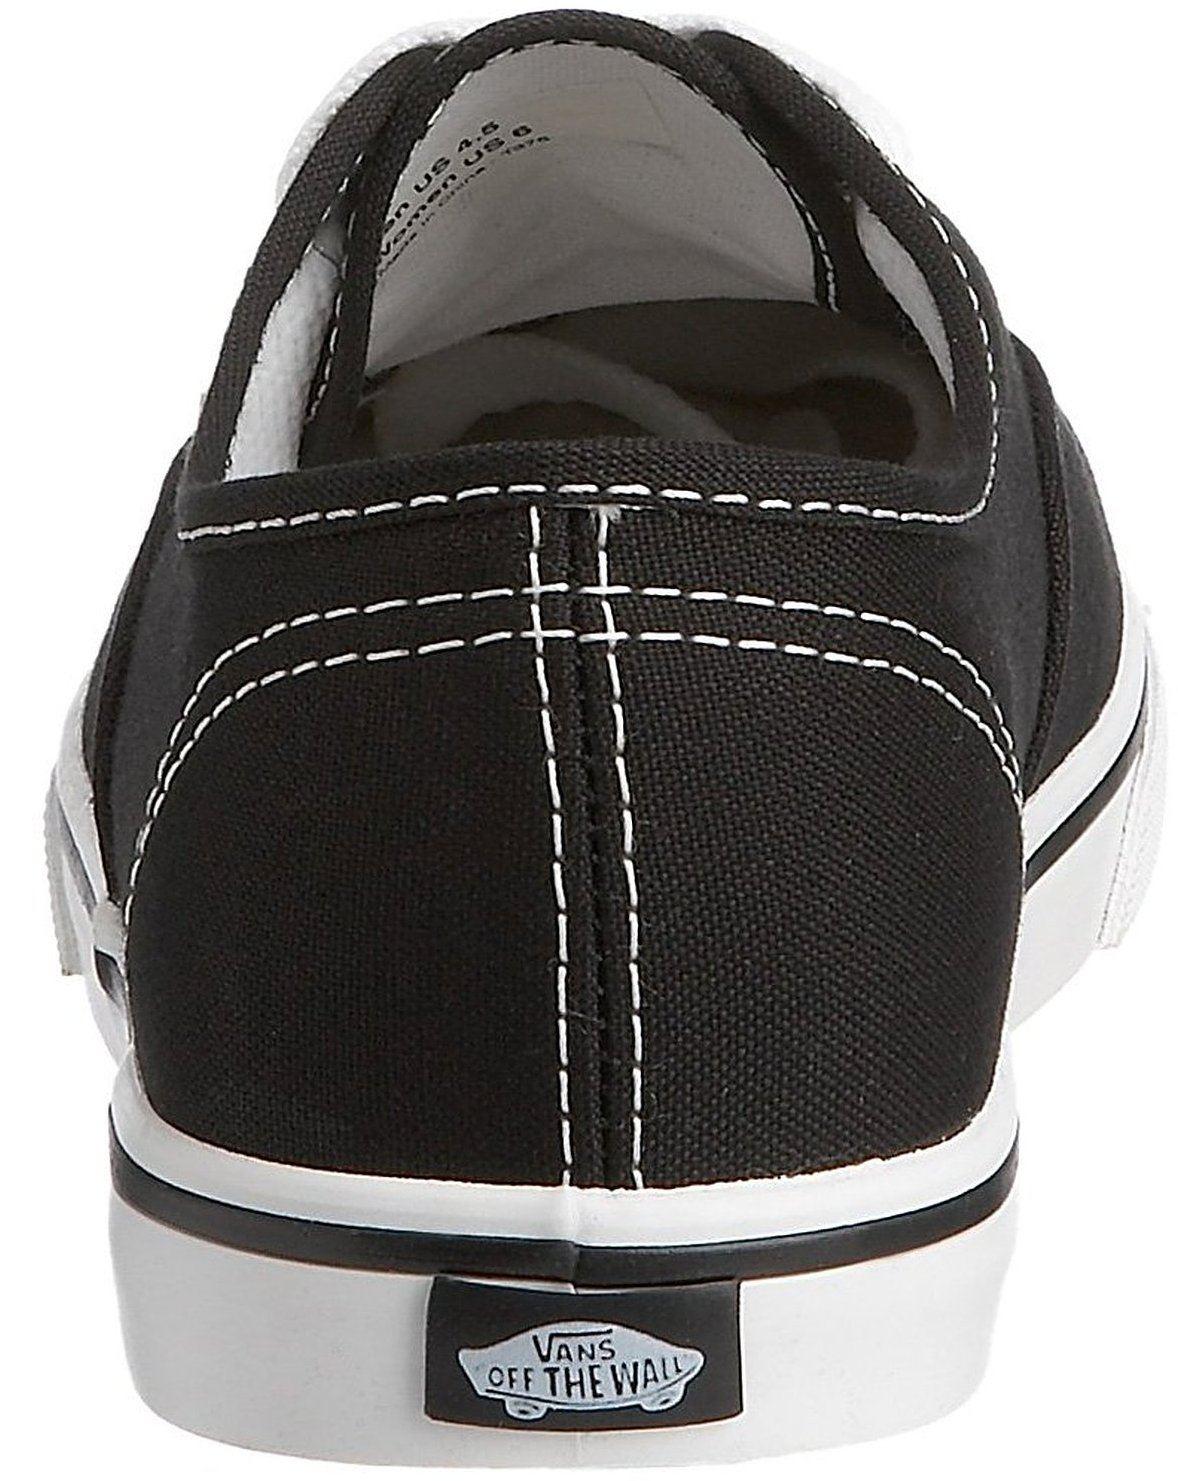 vans authentic lo pro womens trainers shoes